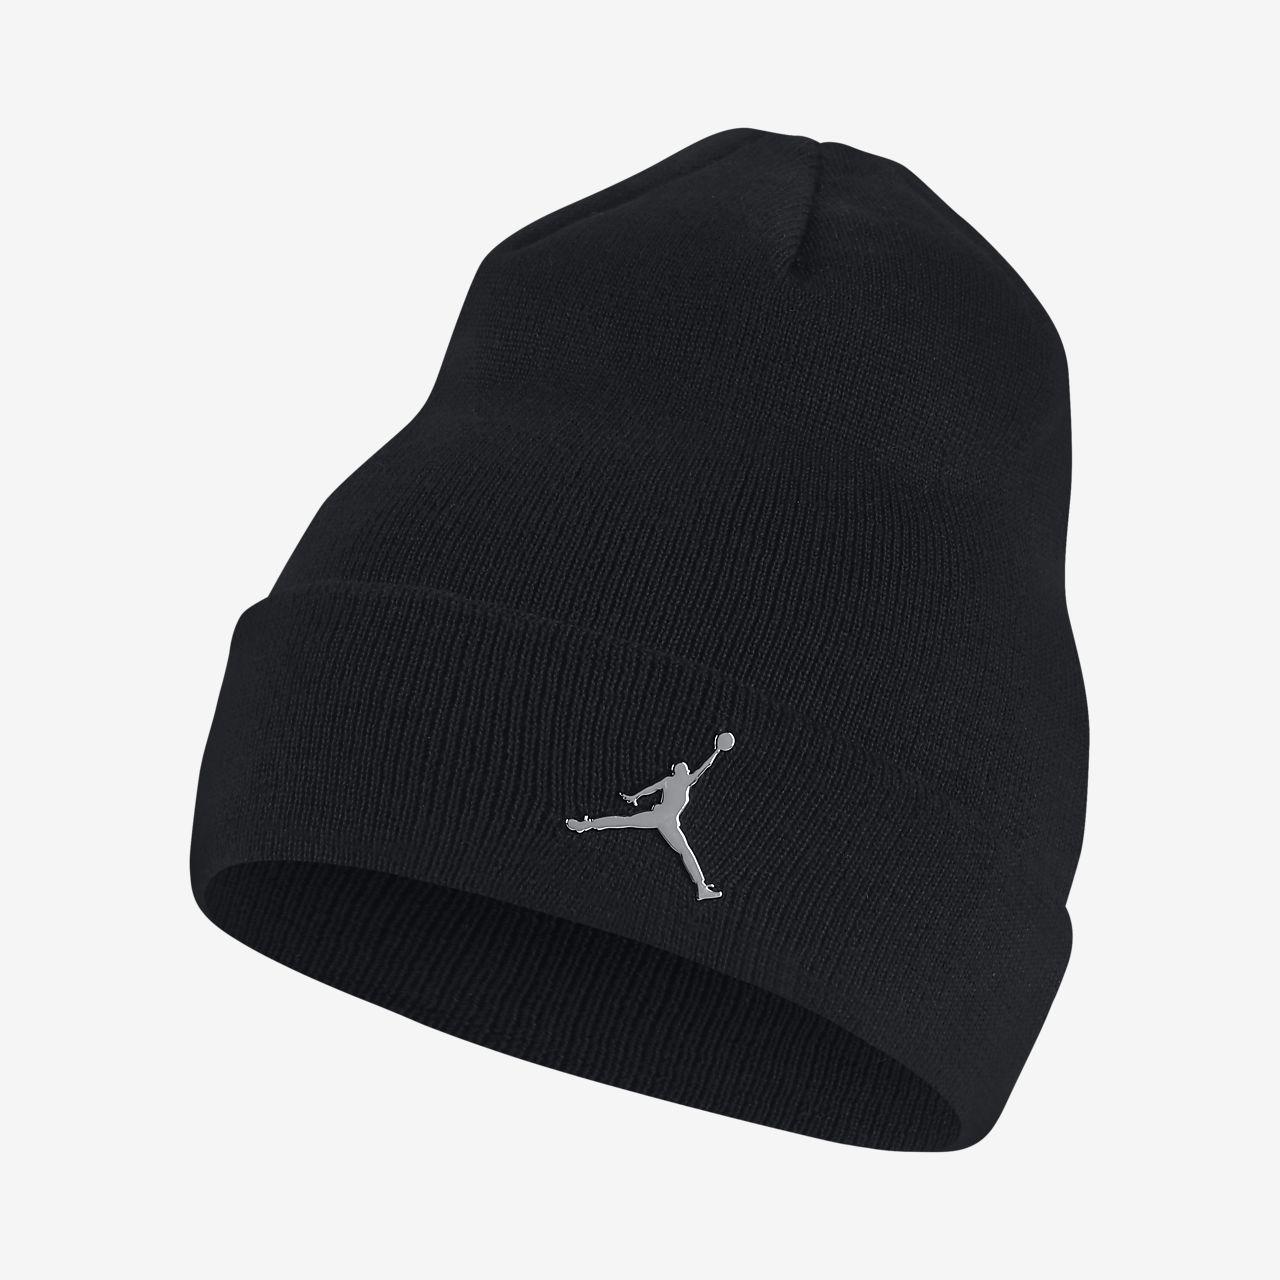 7f98067e7f6 Jordan Dri-FIT Big Kids  Beanie. Nike.com